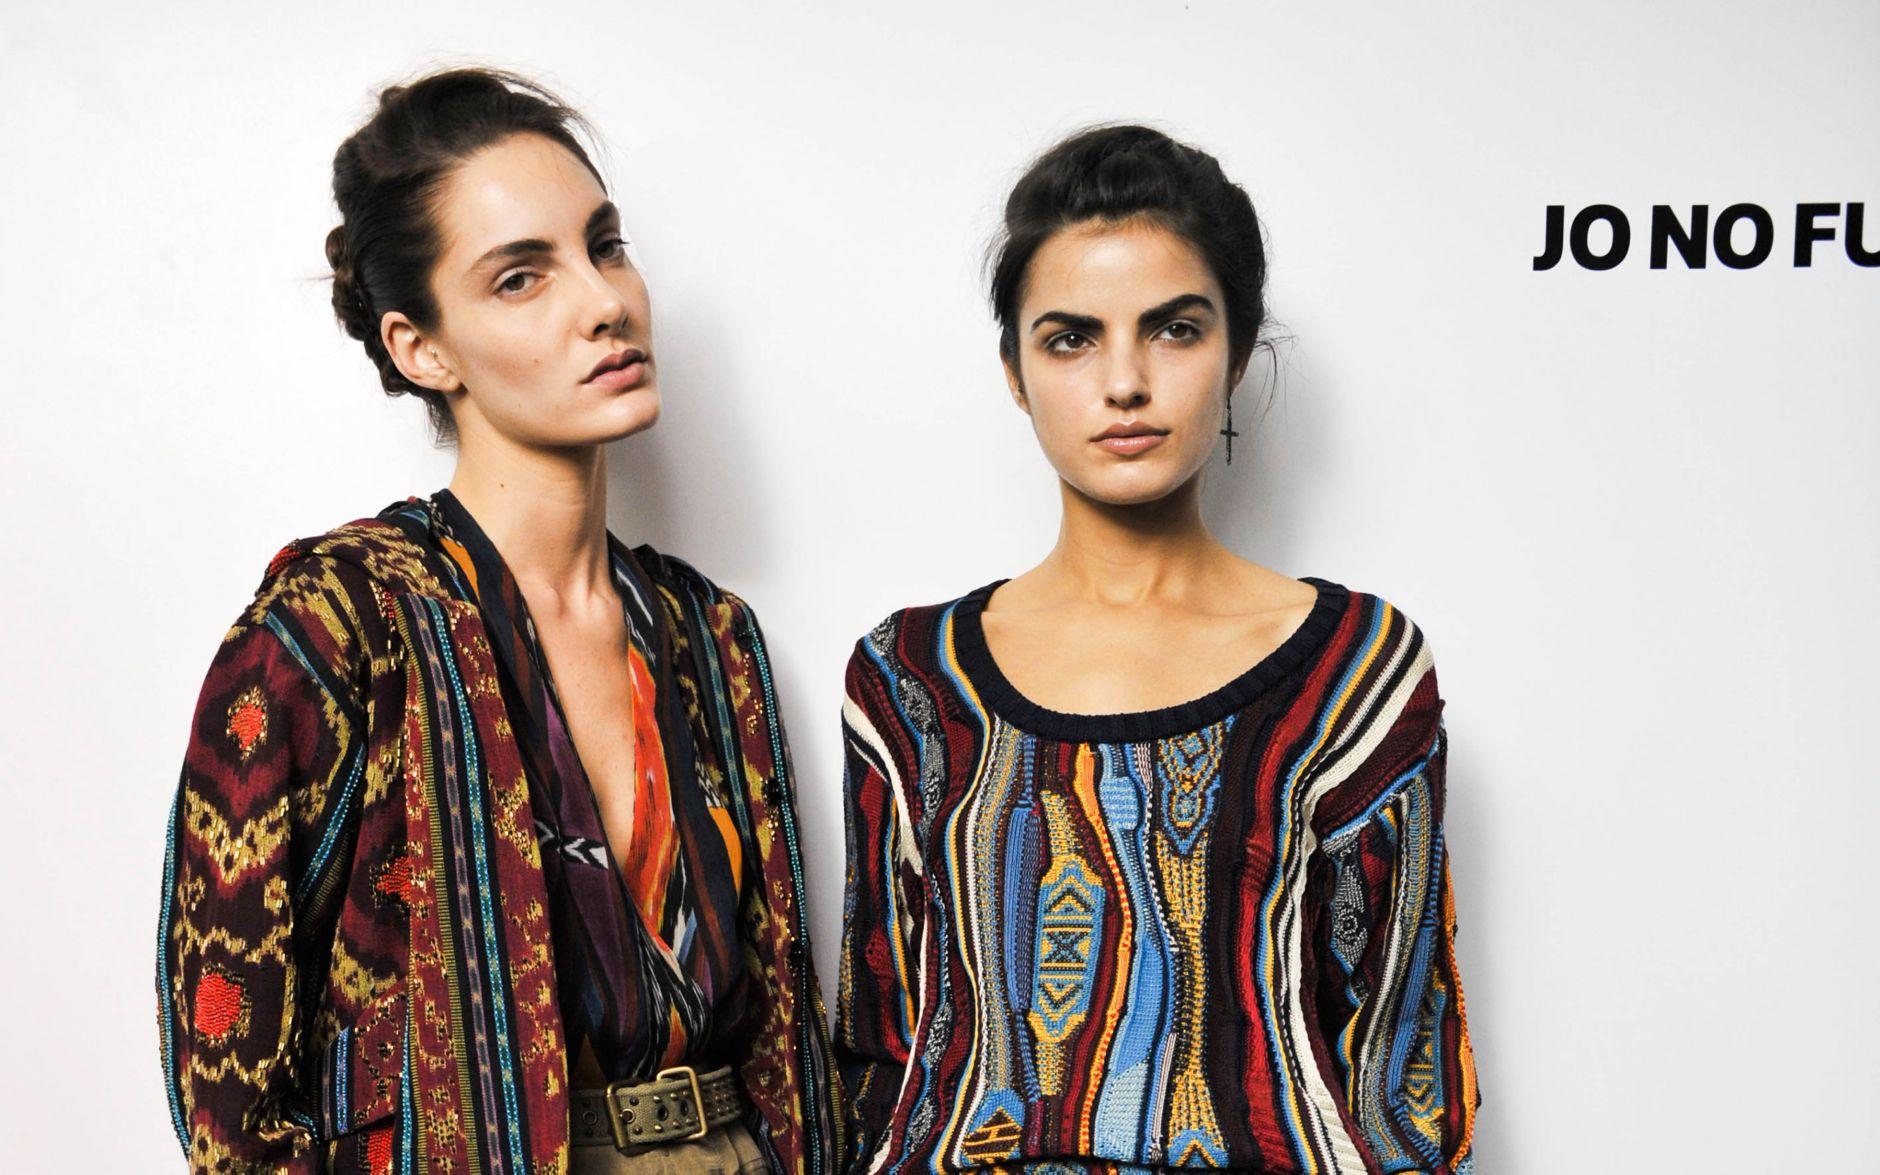 Backstage Jo No Fui Spring 2013 Milan Fashion Week